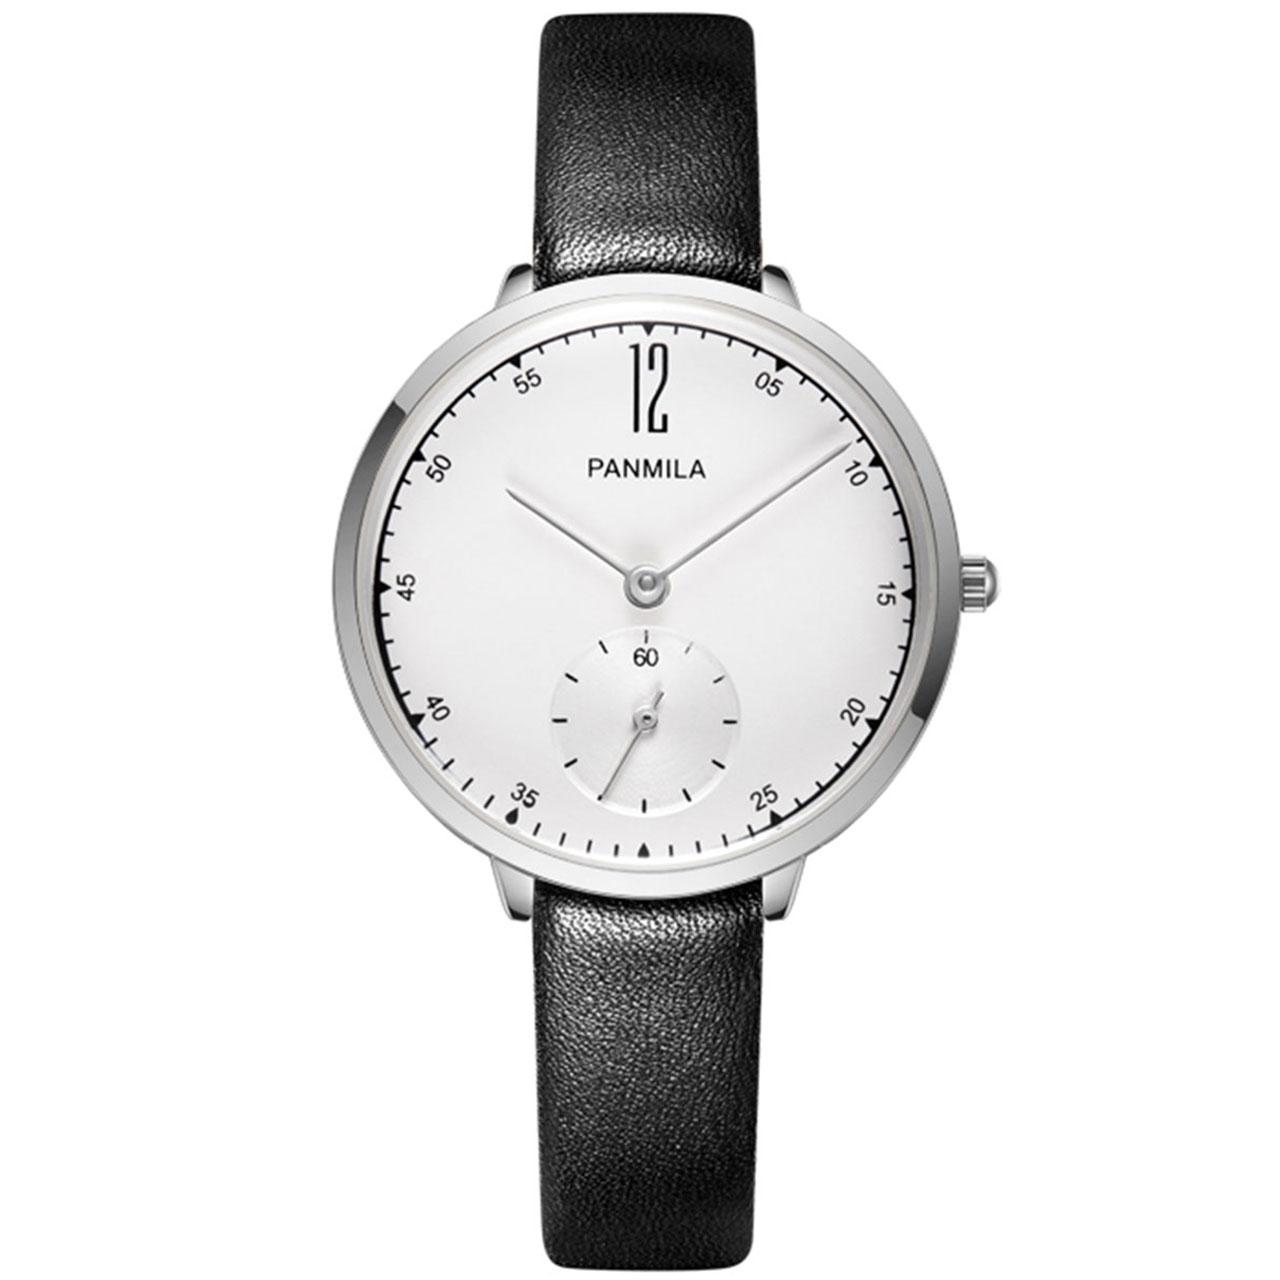 ساعت مچی عقربه ای زنانه پانمیلا مدل P0162MDZ1WHW